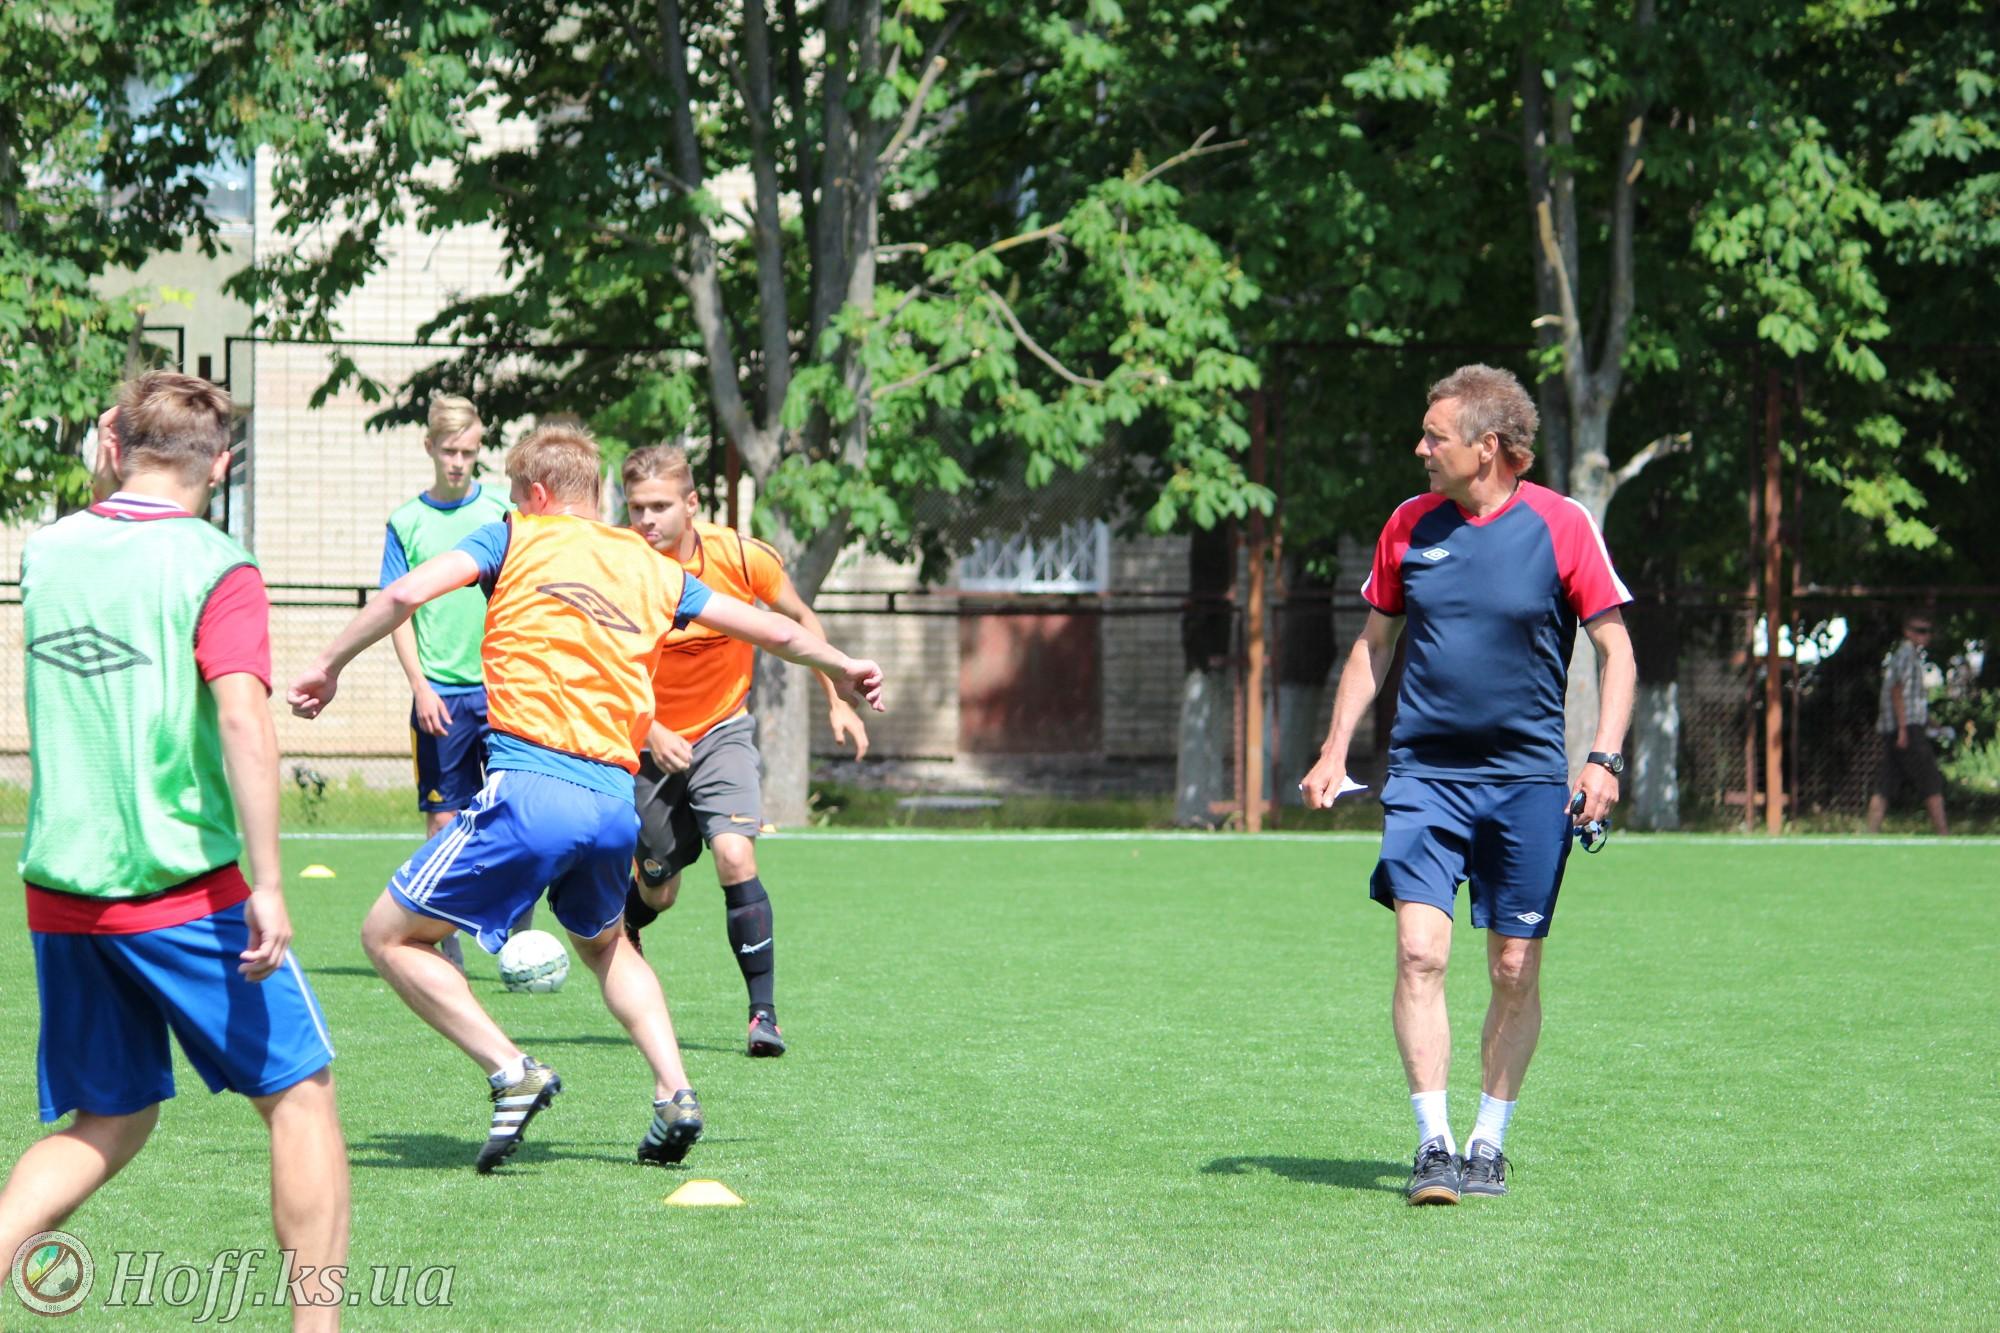 Таврія готується приймати лідера чемпіонату України серед аматорів «Металіст 1925» з міста Харків.